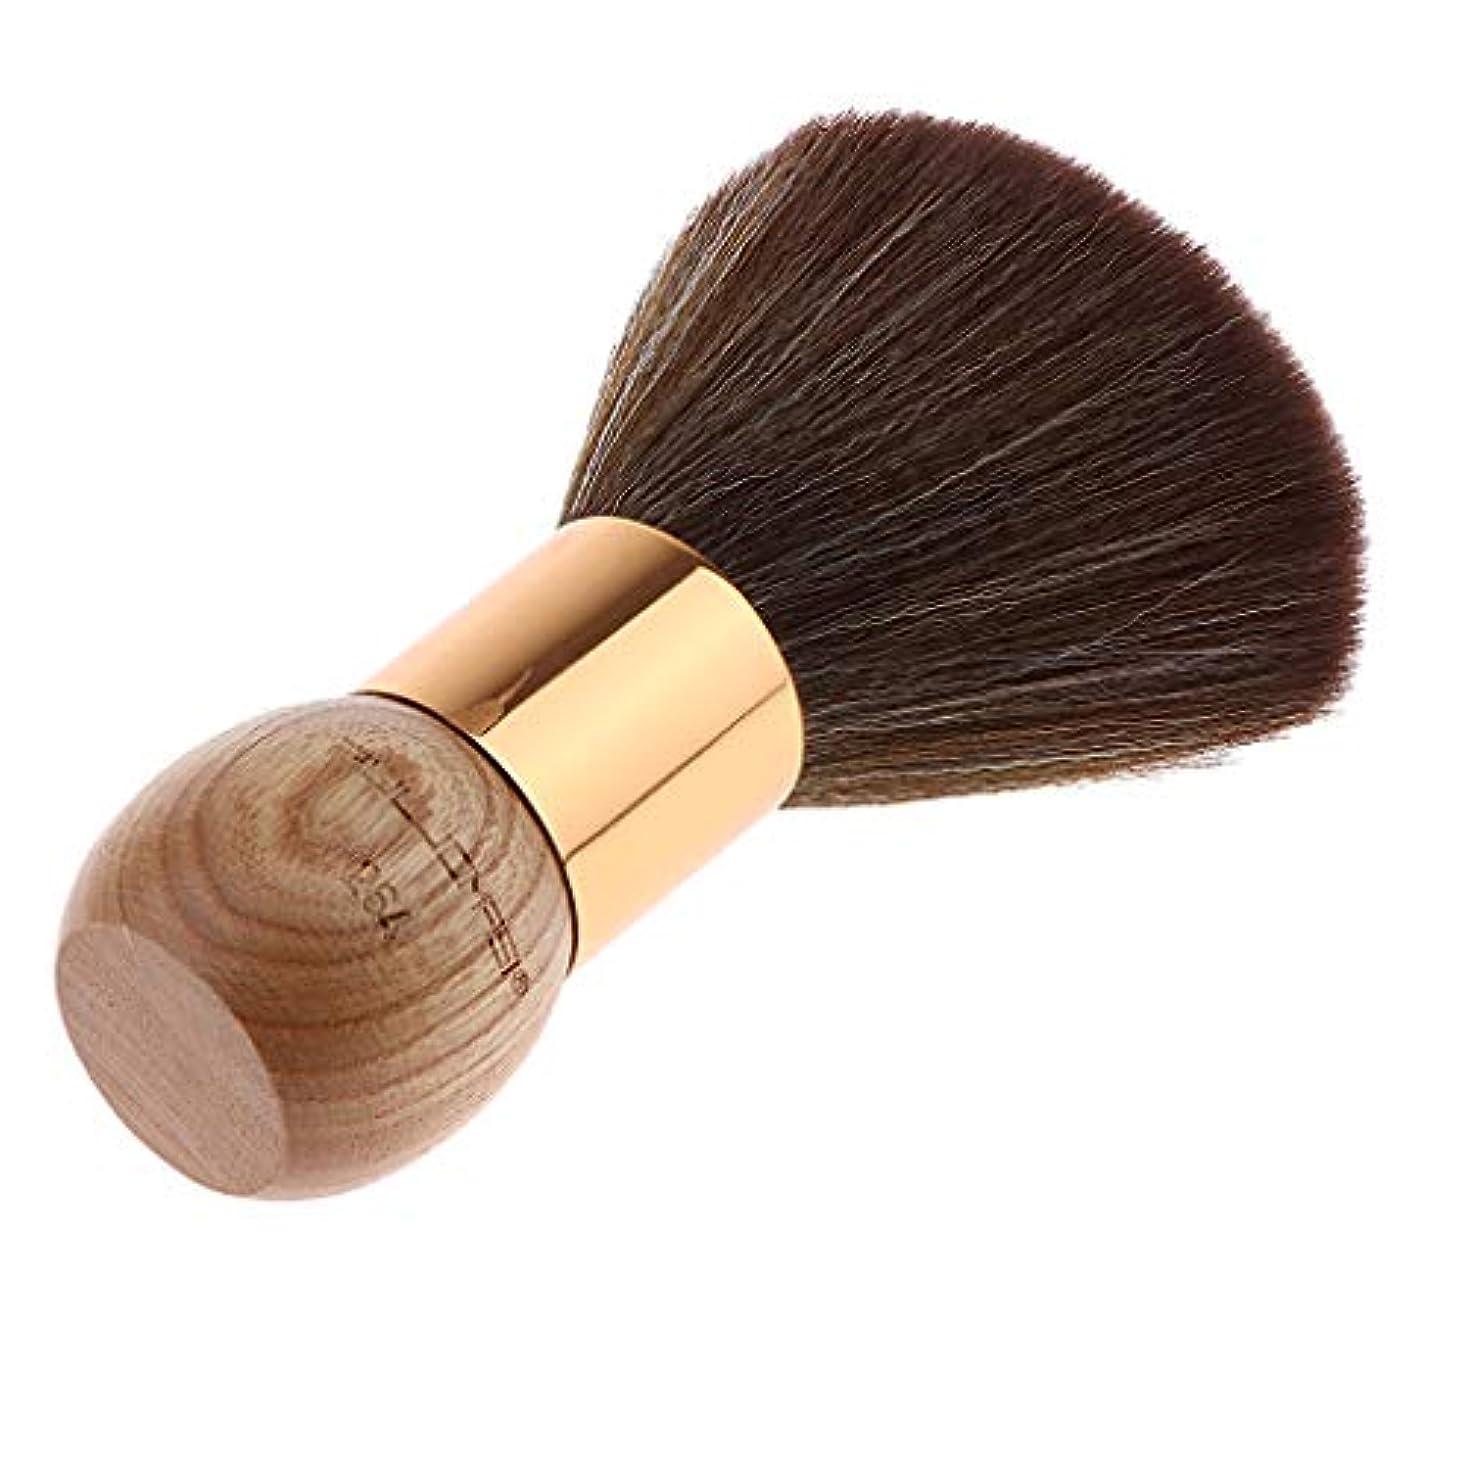 キリマンジャロ小川敵対的Sharplace メンズ用 髭剃り ブラシ シェービングブラシ 木製ハンドル 男性 ギフト理容 洗顔 髭剃り